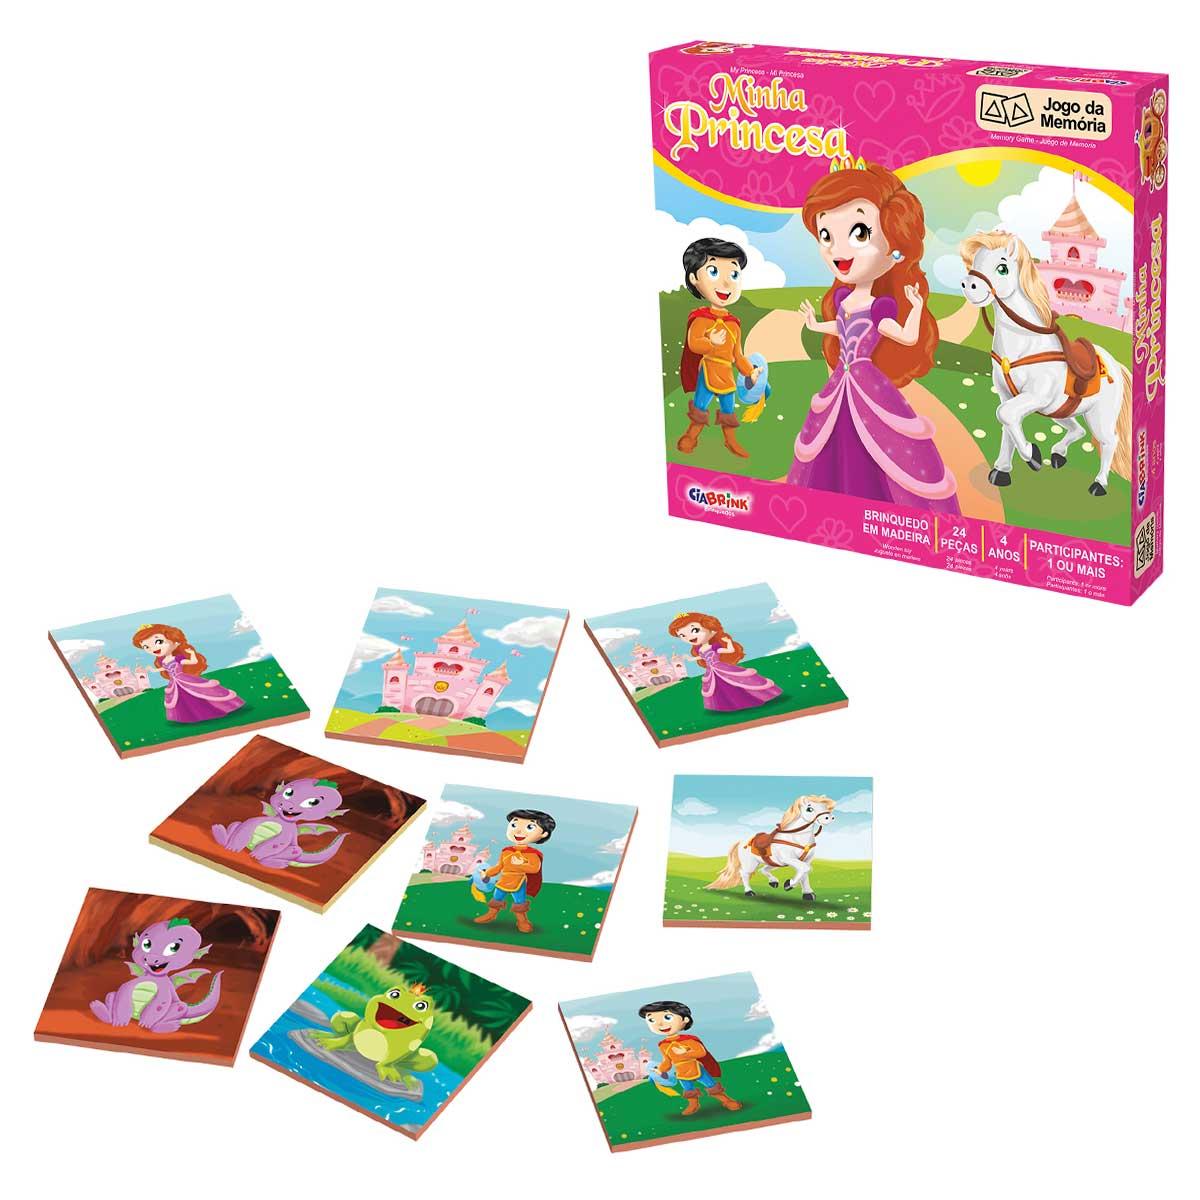 Jogo da Memória Minha Princesa 24 Peças CiaBrink